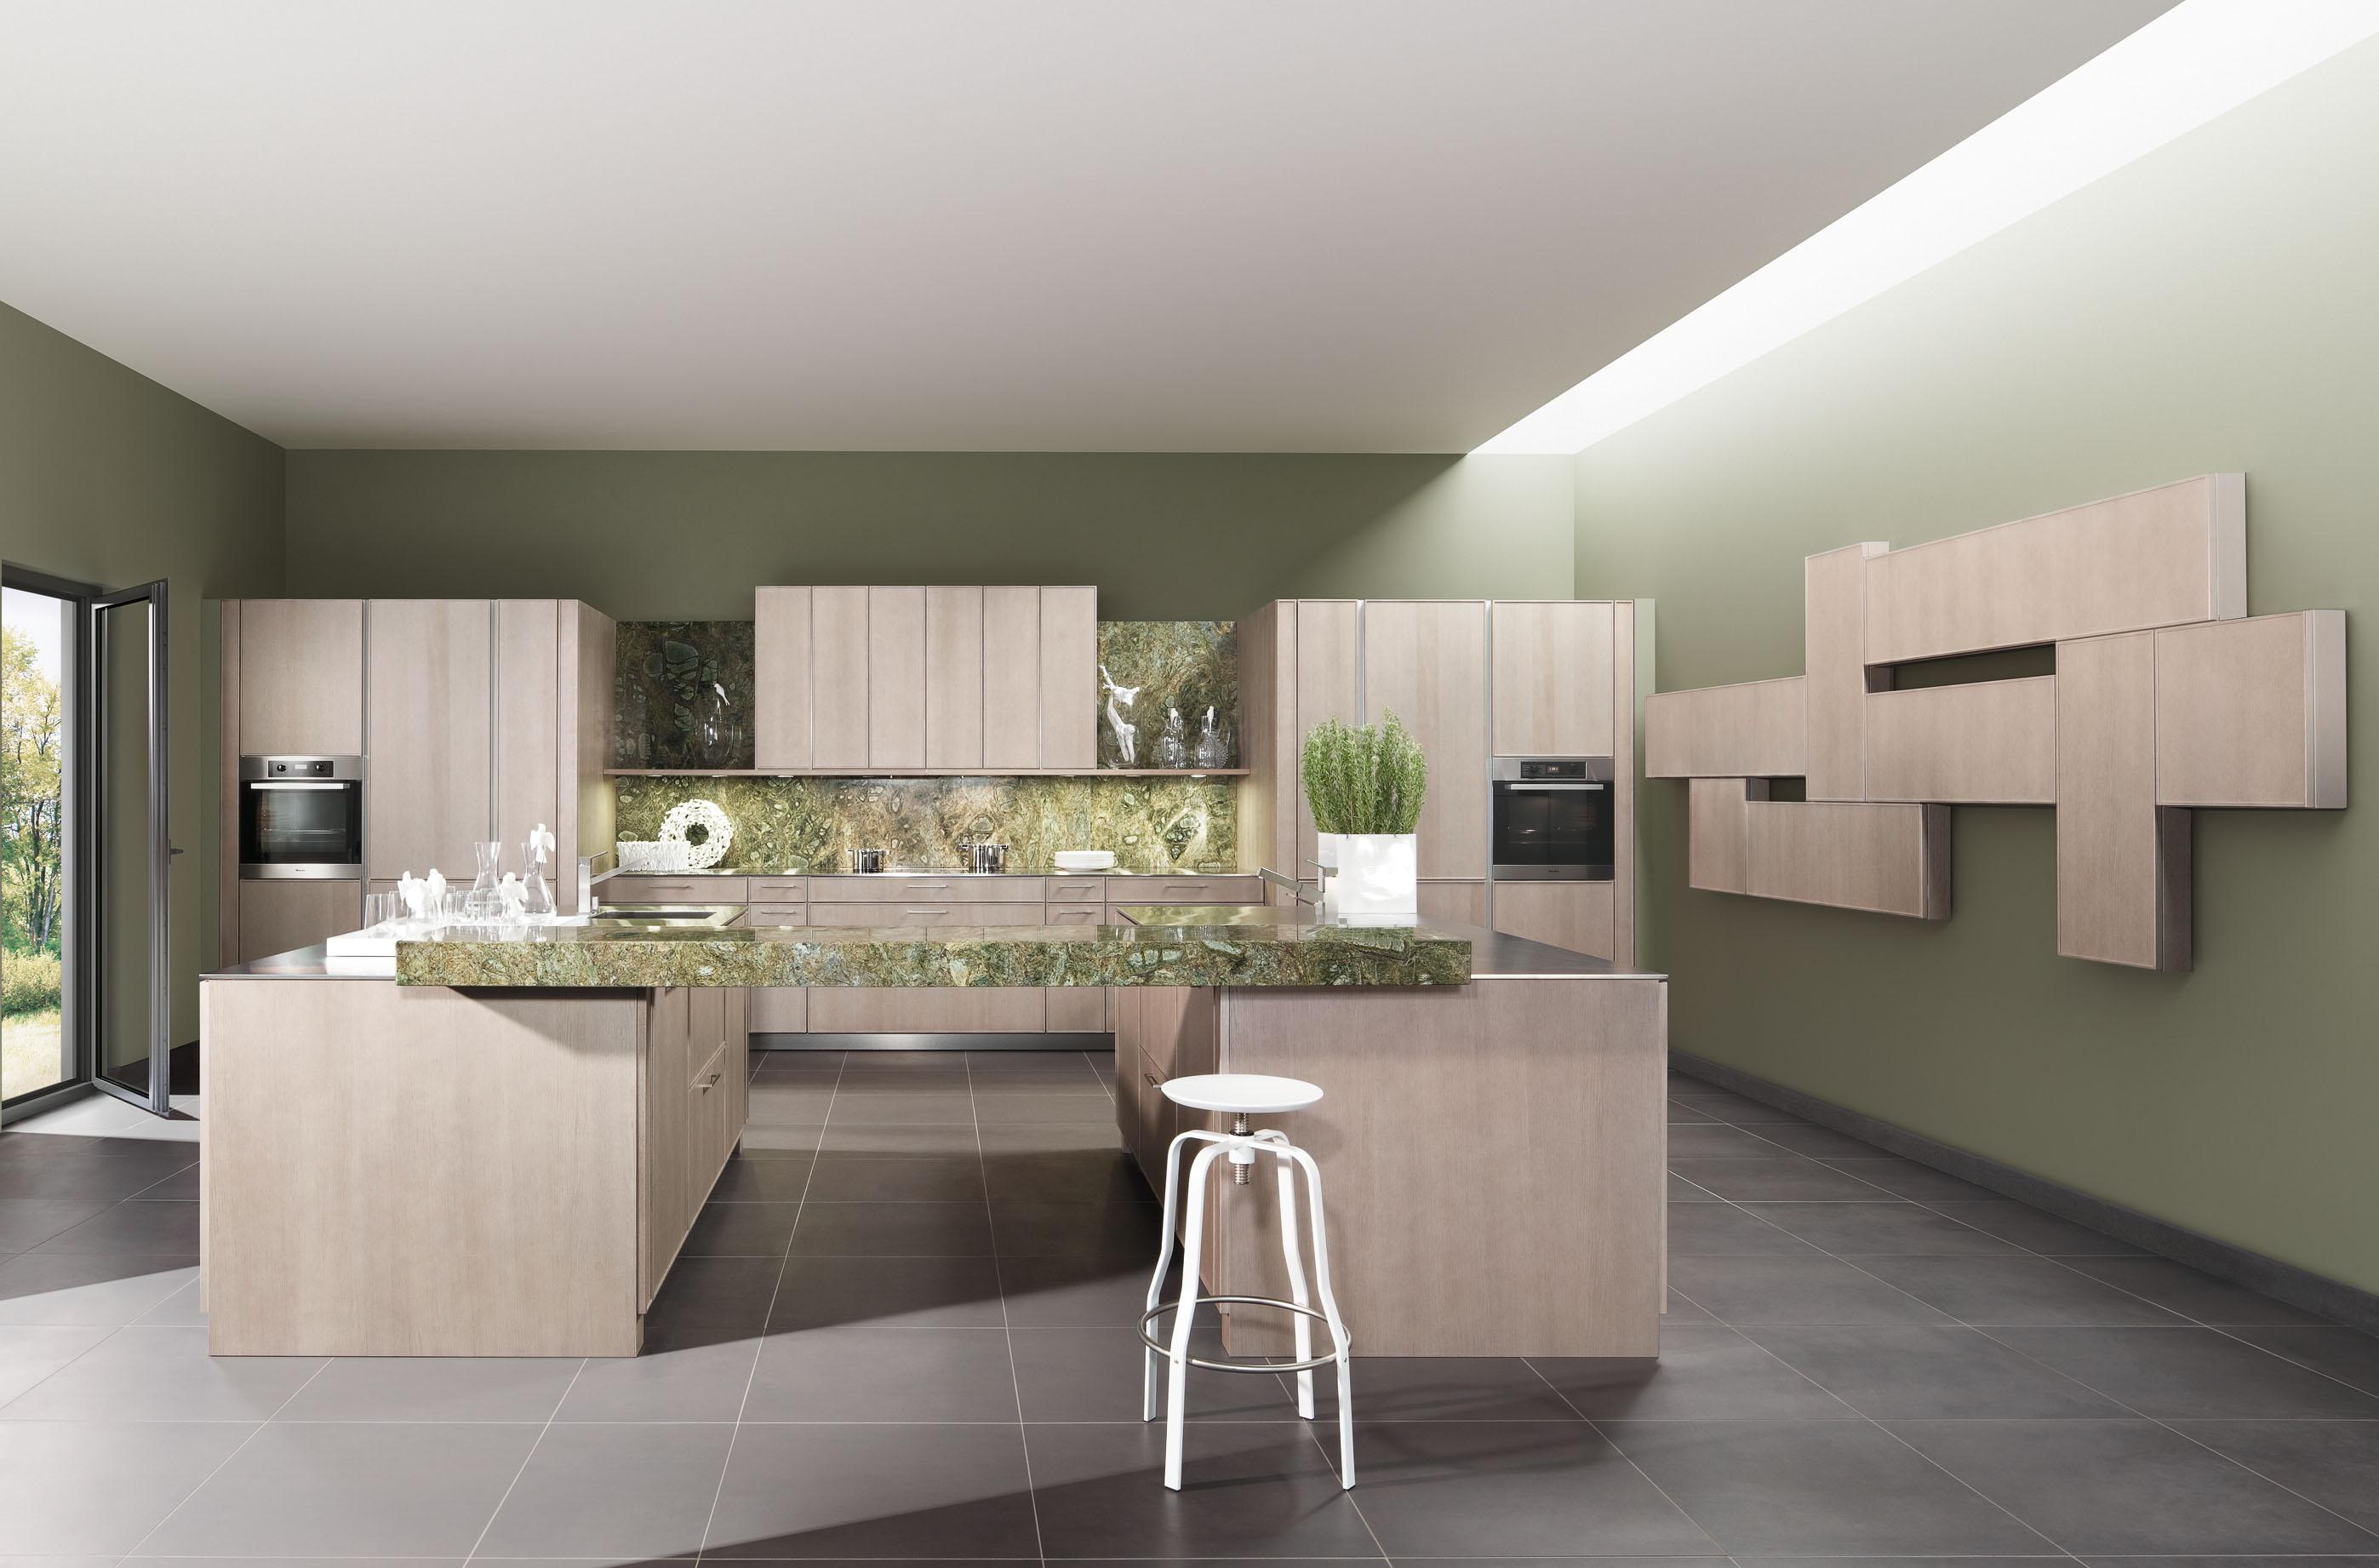 De designkeukens van zeyko nieuws startpagina voor keuken idee n uw - De keuken ...